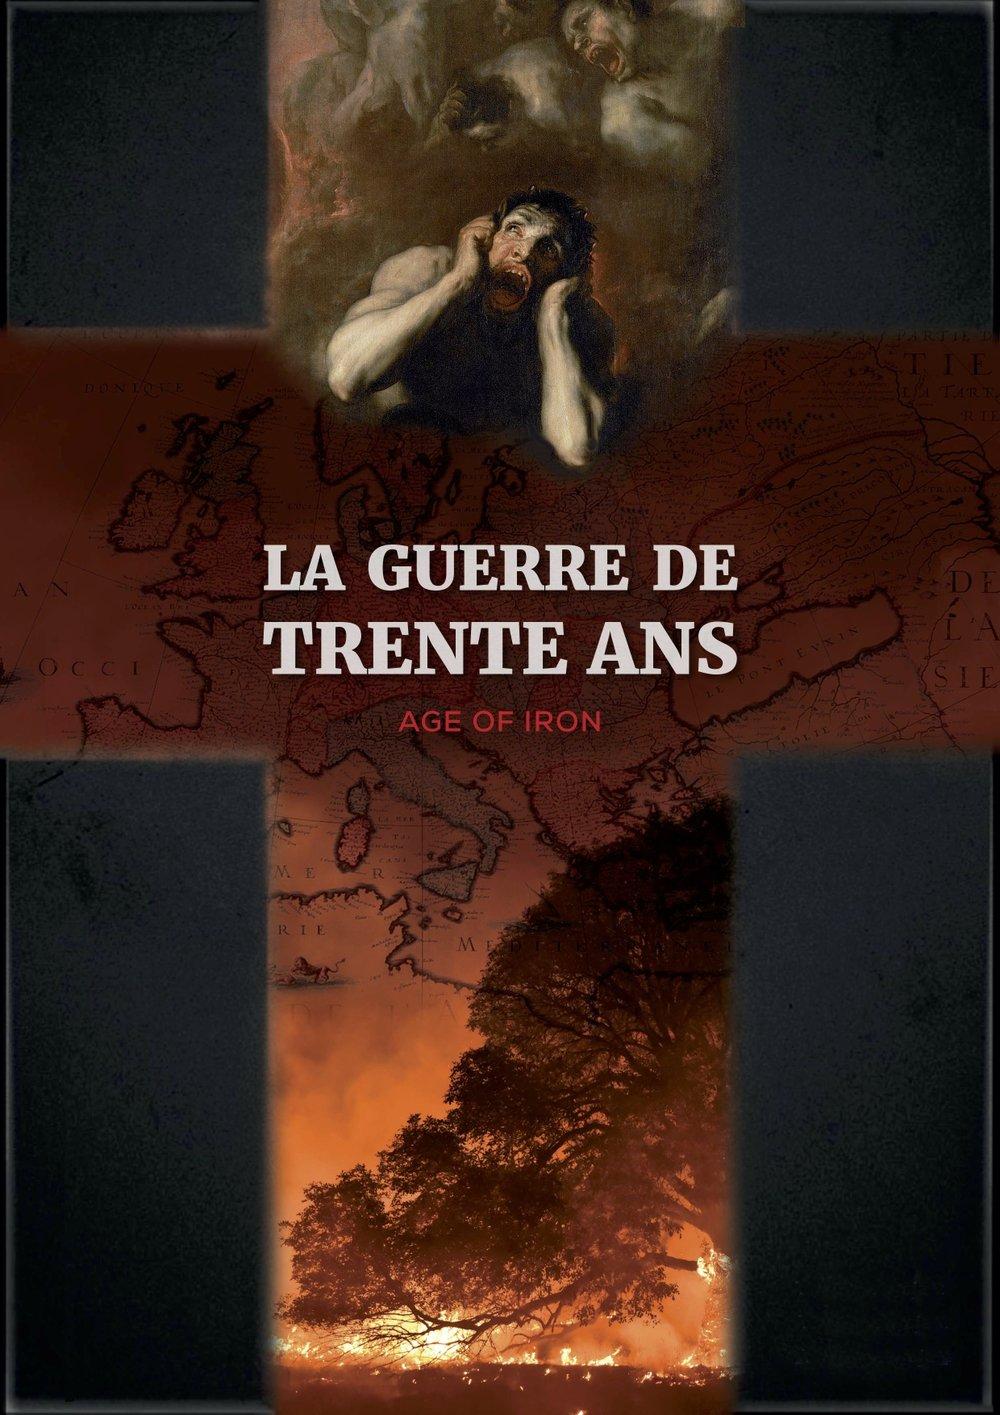 La Guerre de trente ans  by  Philippe Bérenger